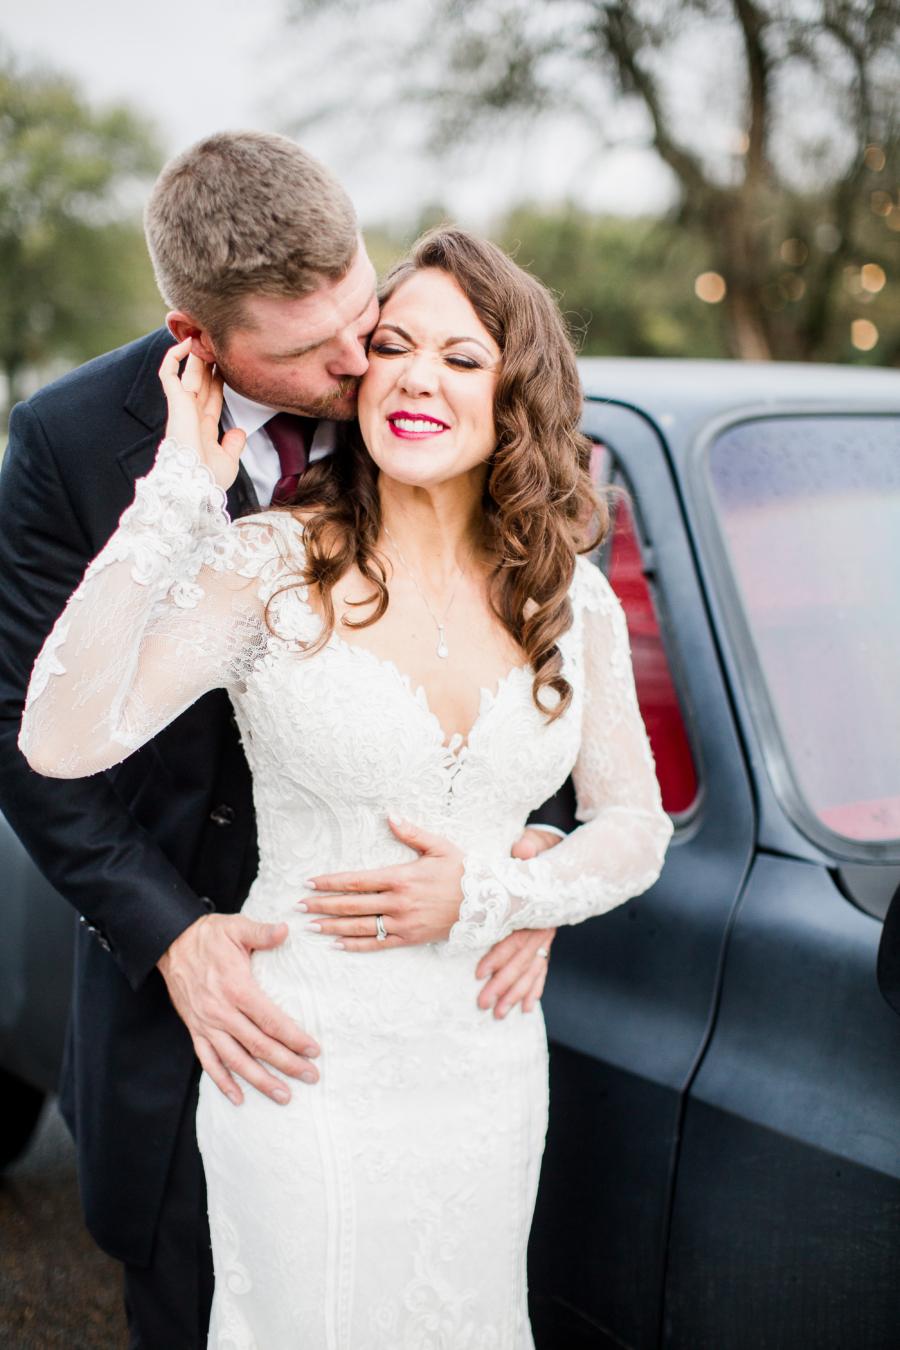 Outdoor wedding portrait